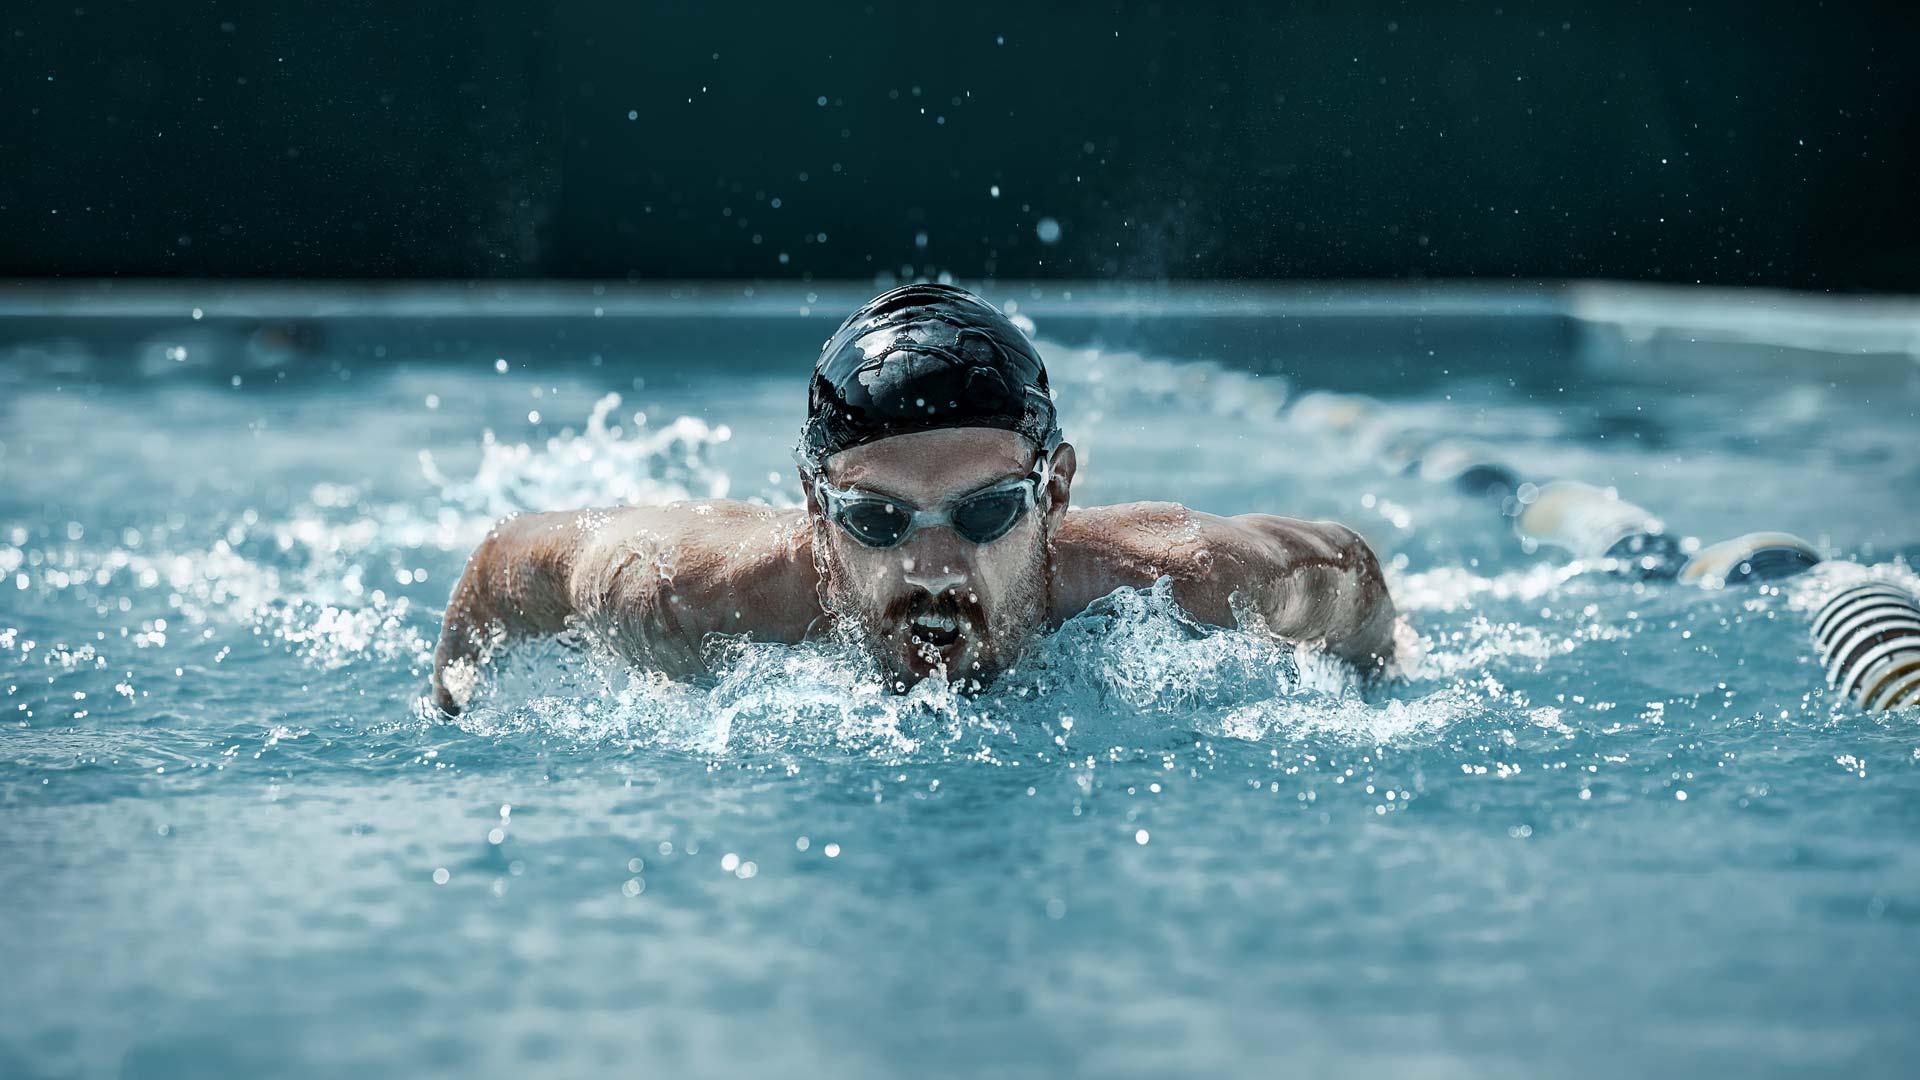 Examen ocular de l'esportista aquàtic